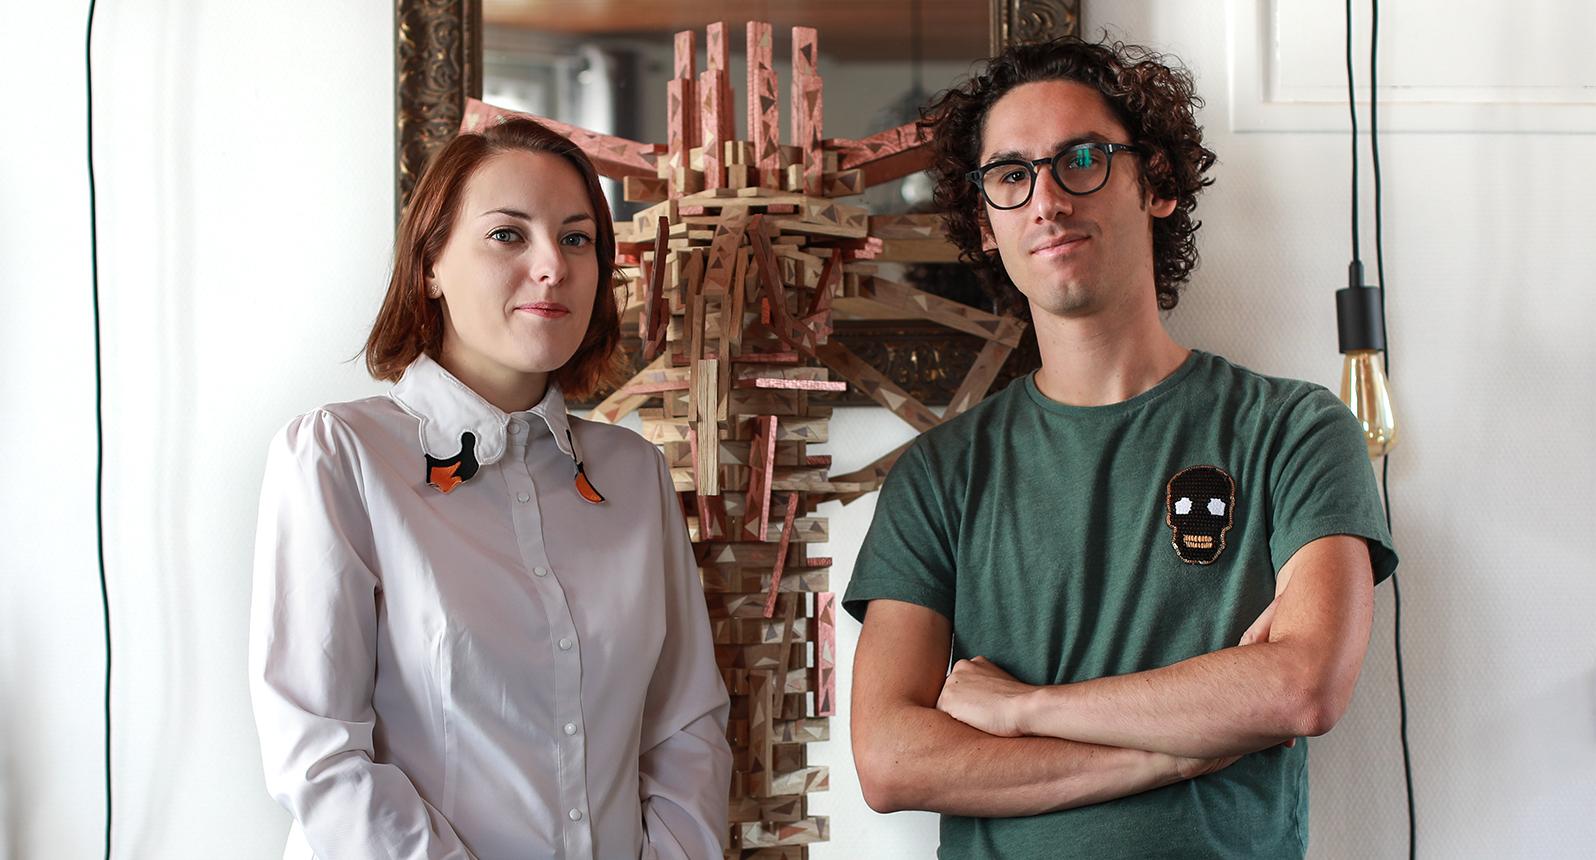 We Are Vertikal - Rencontre avec le Elisa et Sébastien